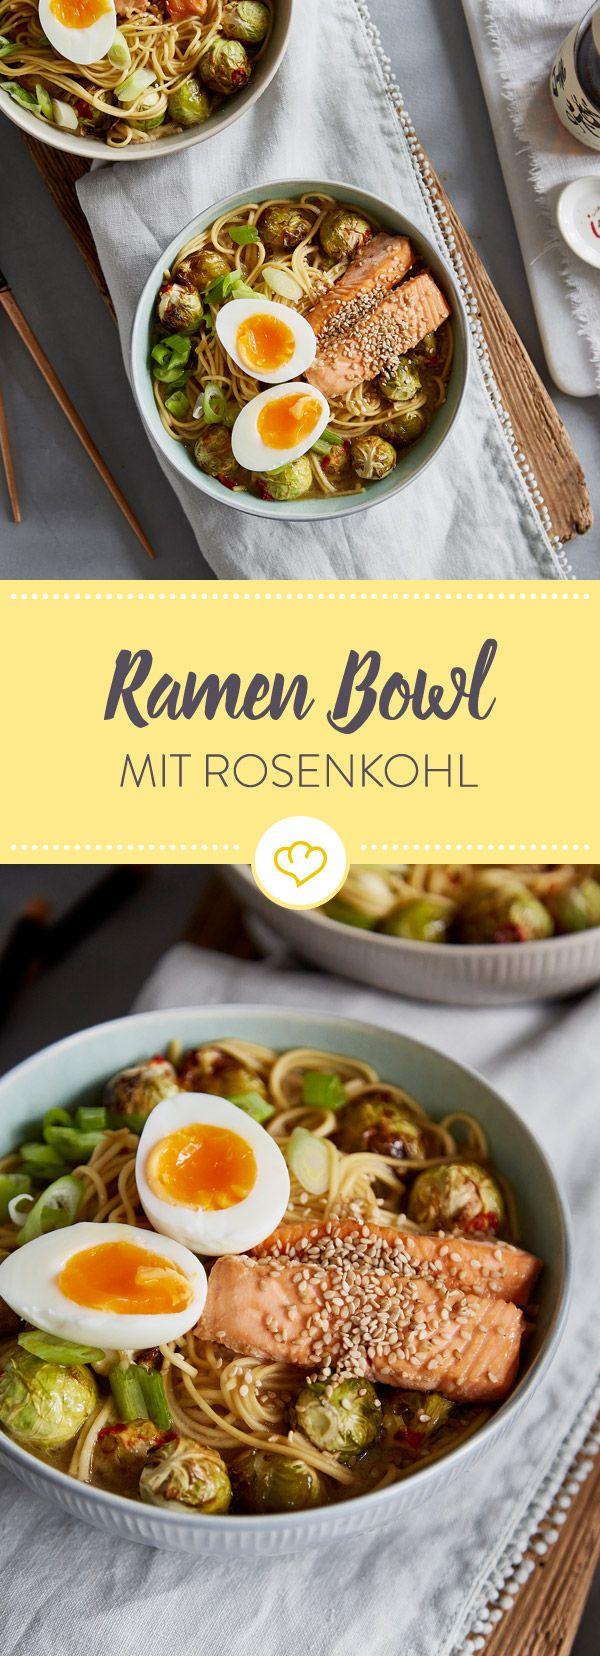 Ramen Bowl mit Rosenkohl und Lachs